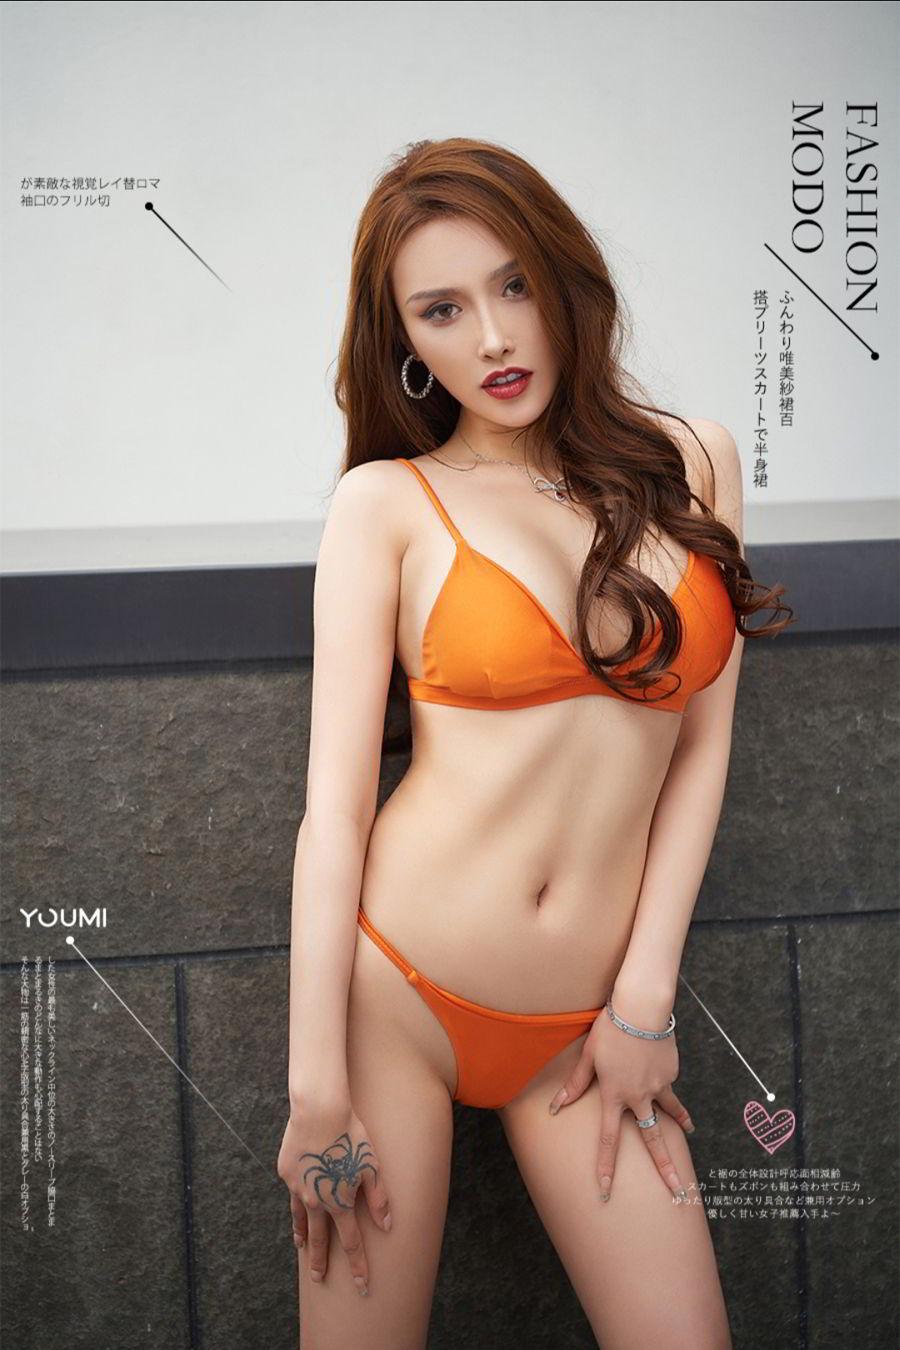 Vol.156 比基尼小蛮腰美胸内衣诱惑性感女神Youmi尤蜜-李承美完整私房照合集